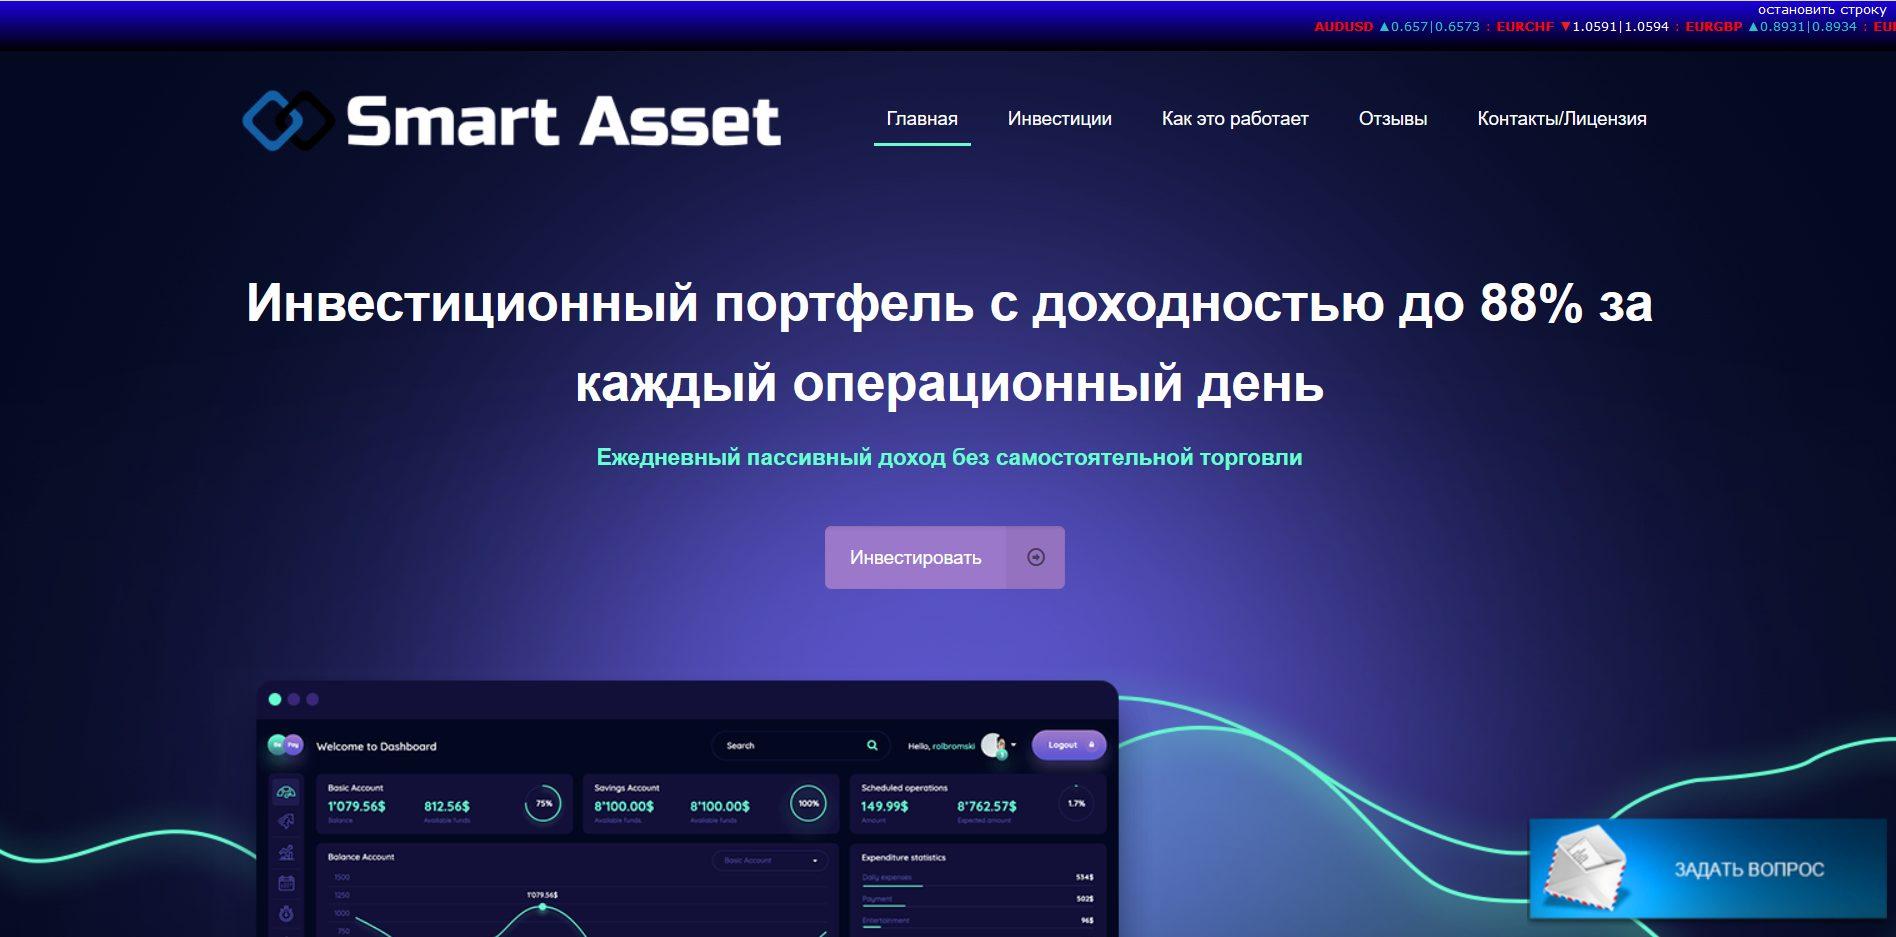 Главная страница компании Smart Asset